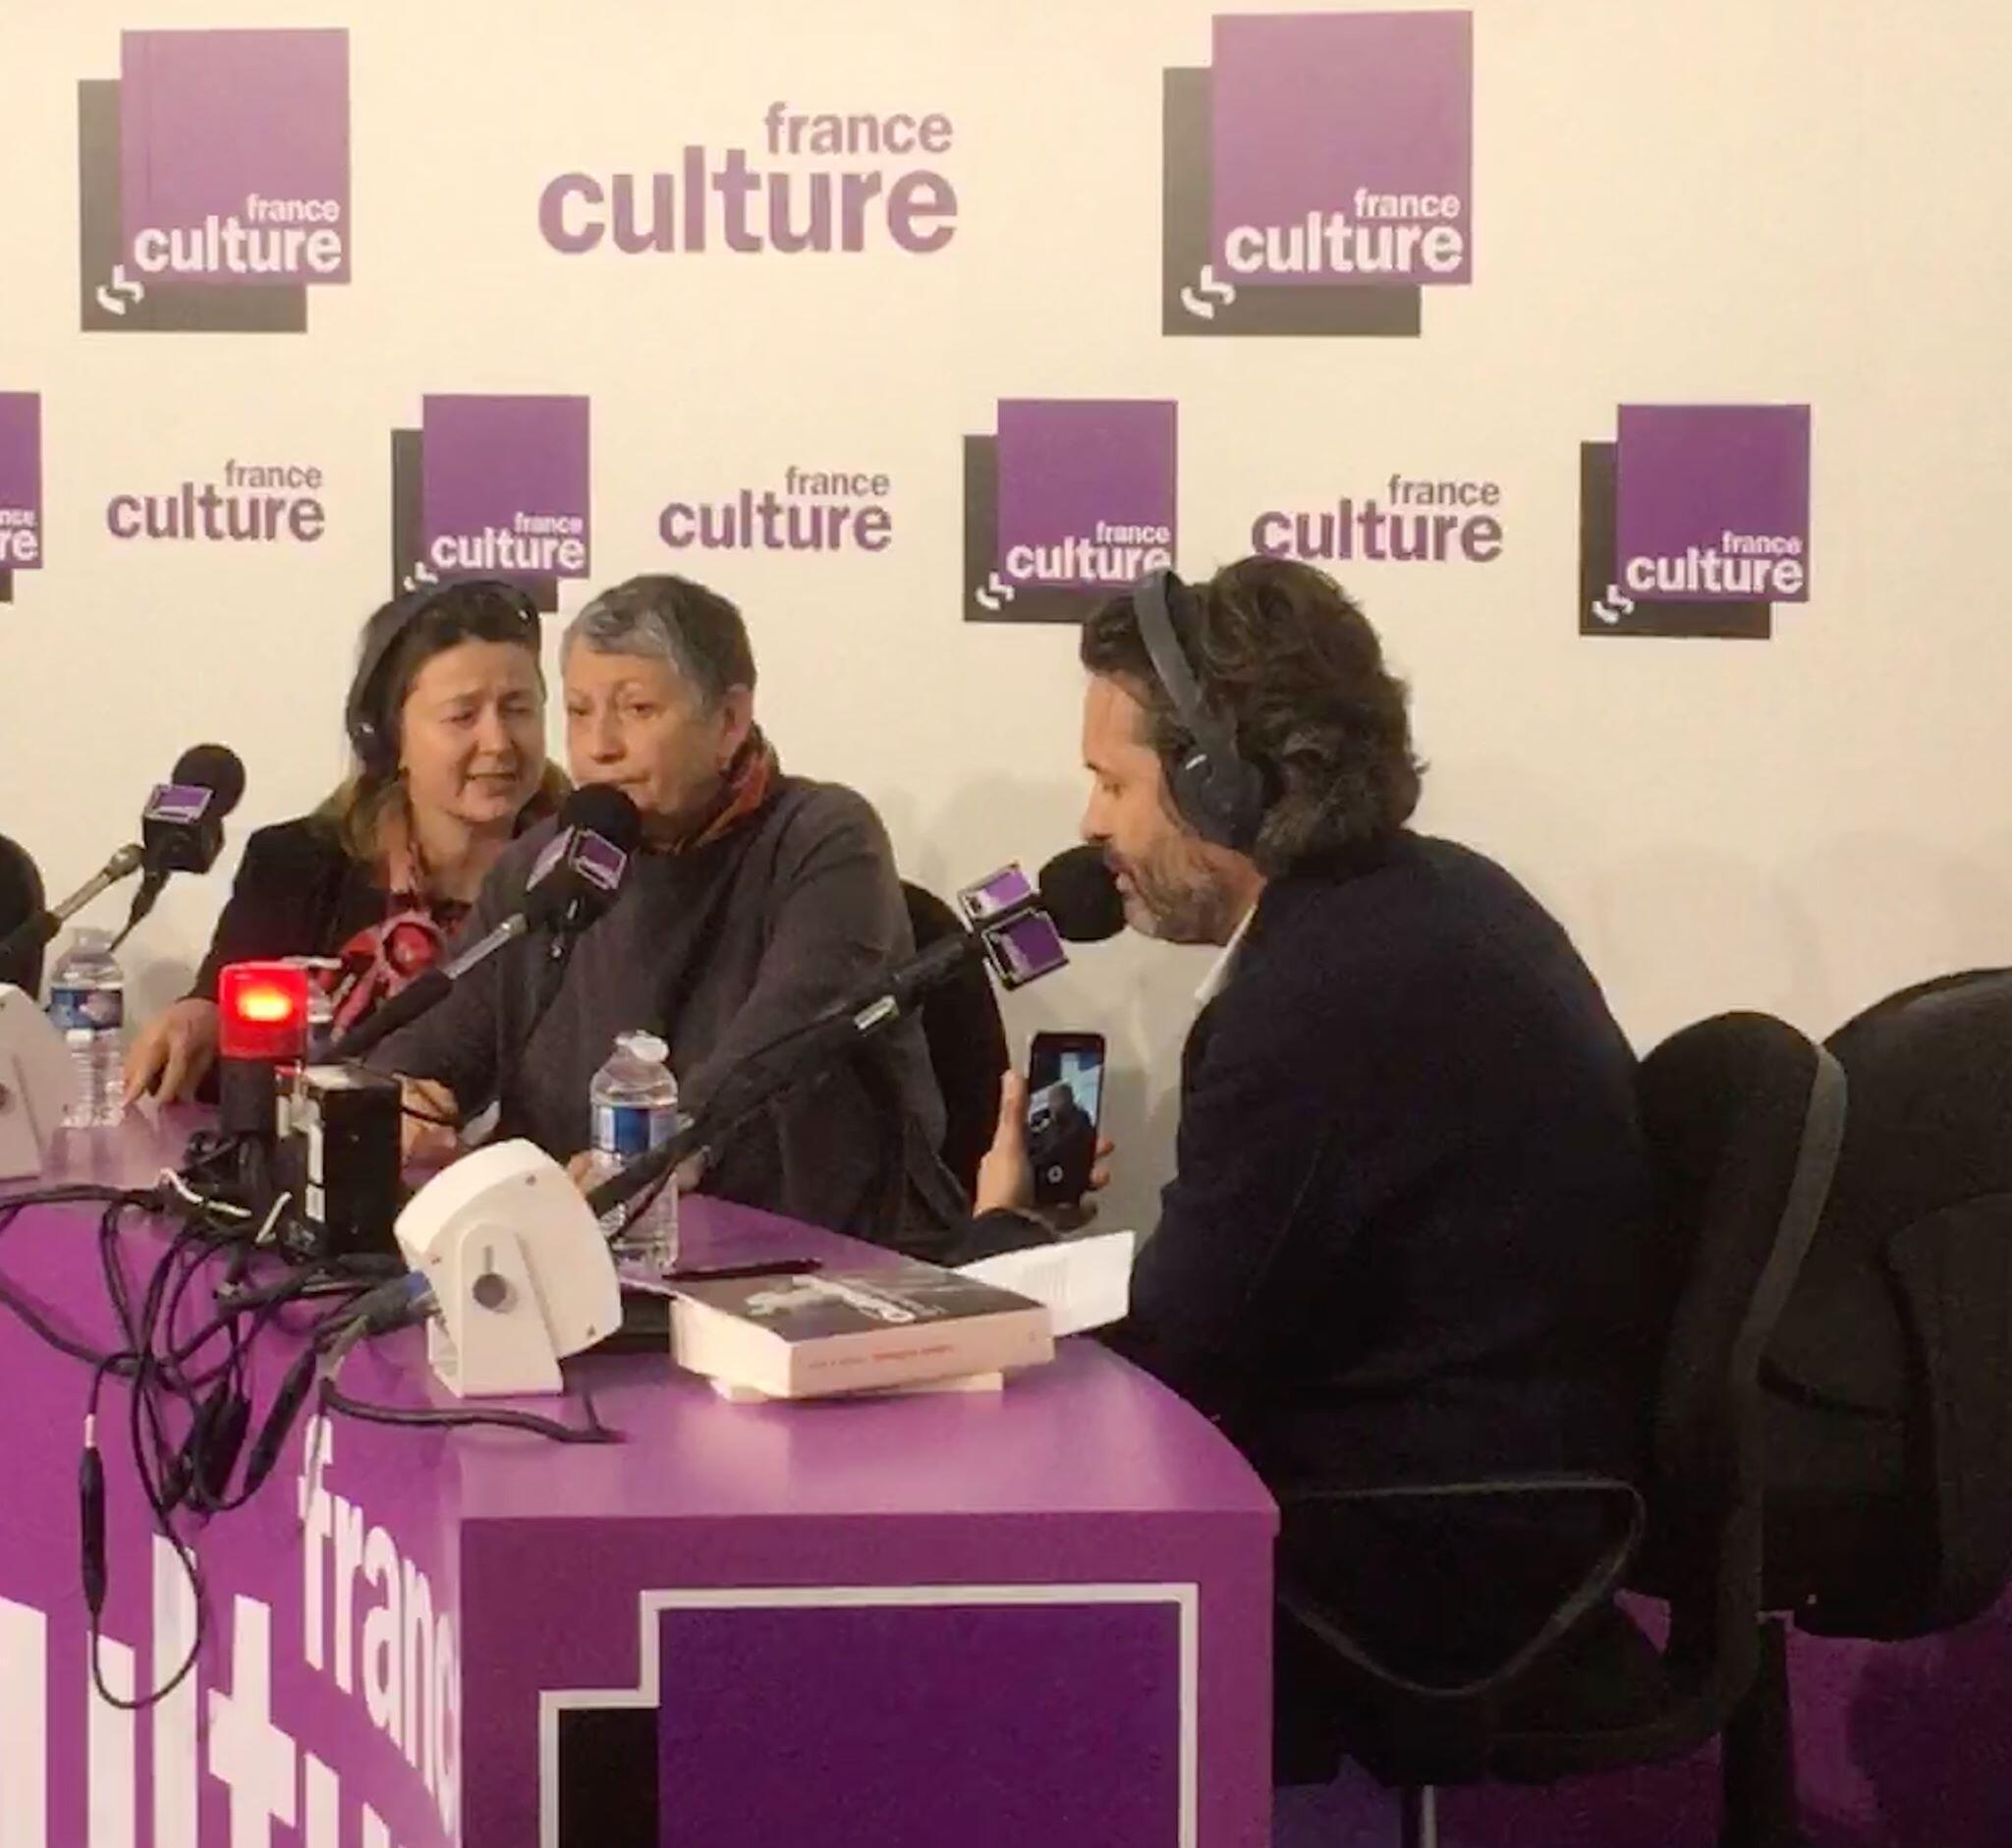 Людмила Улицкая дает интервью радио France Culture на Парижском книжном салоне